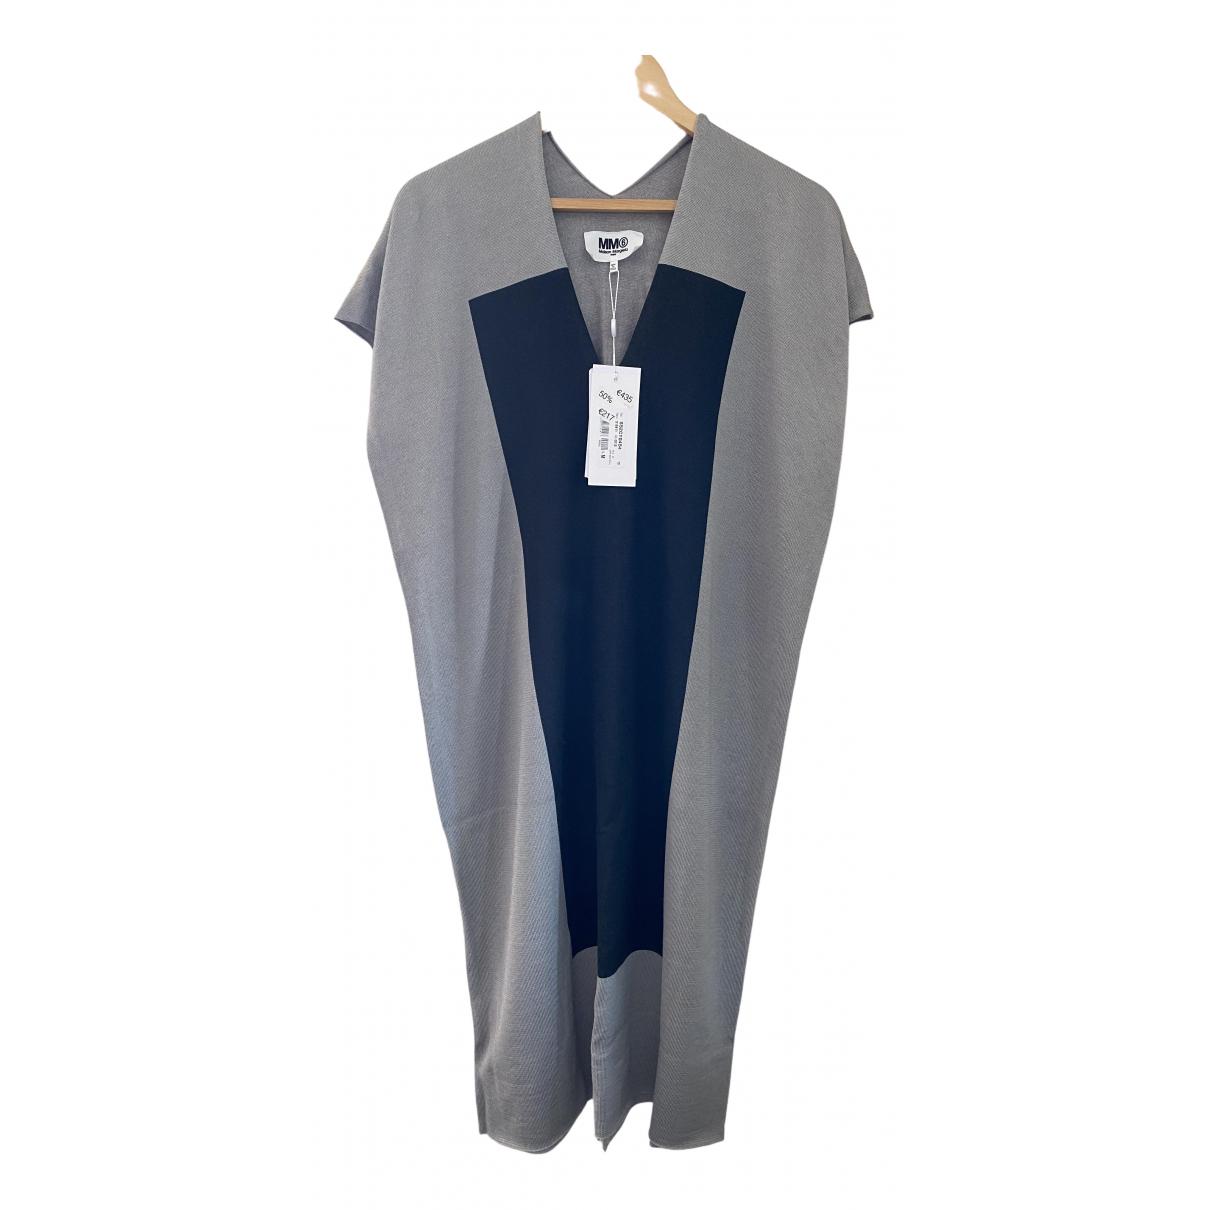 Mm6 - Robe   pour femme en laine - gris